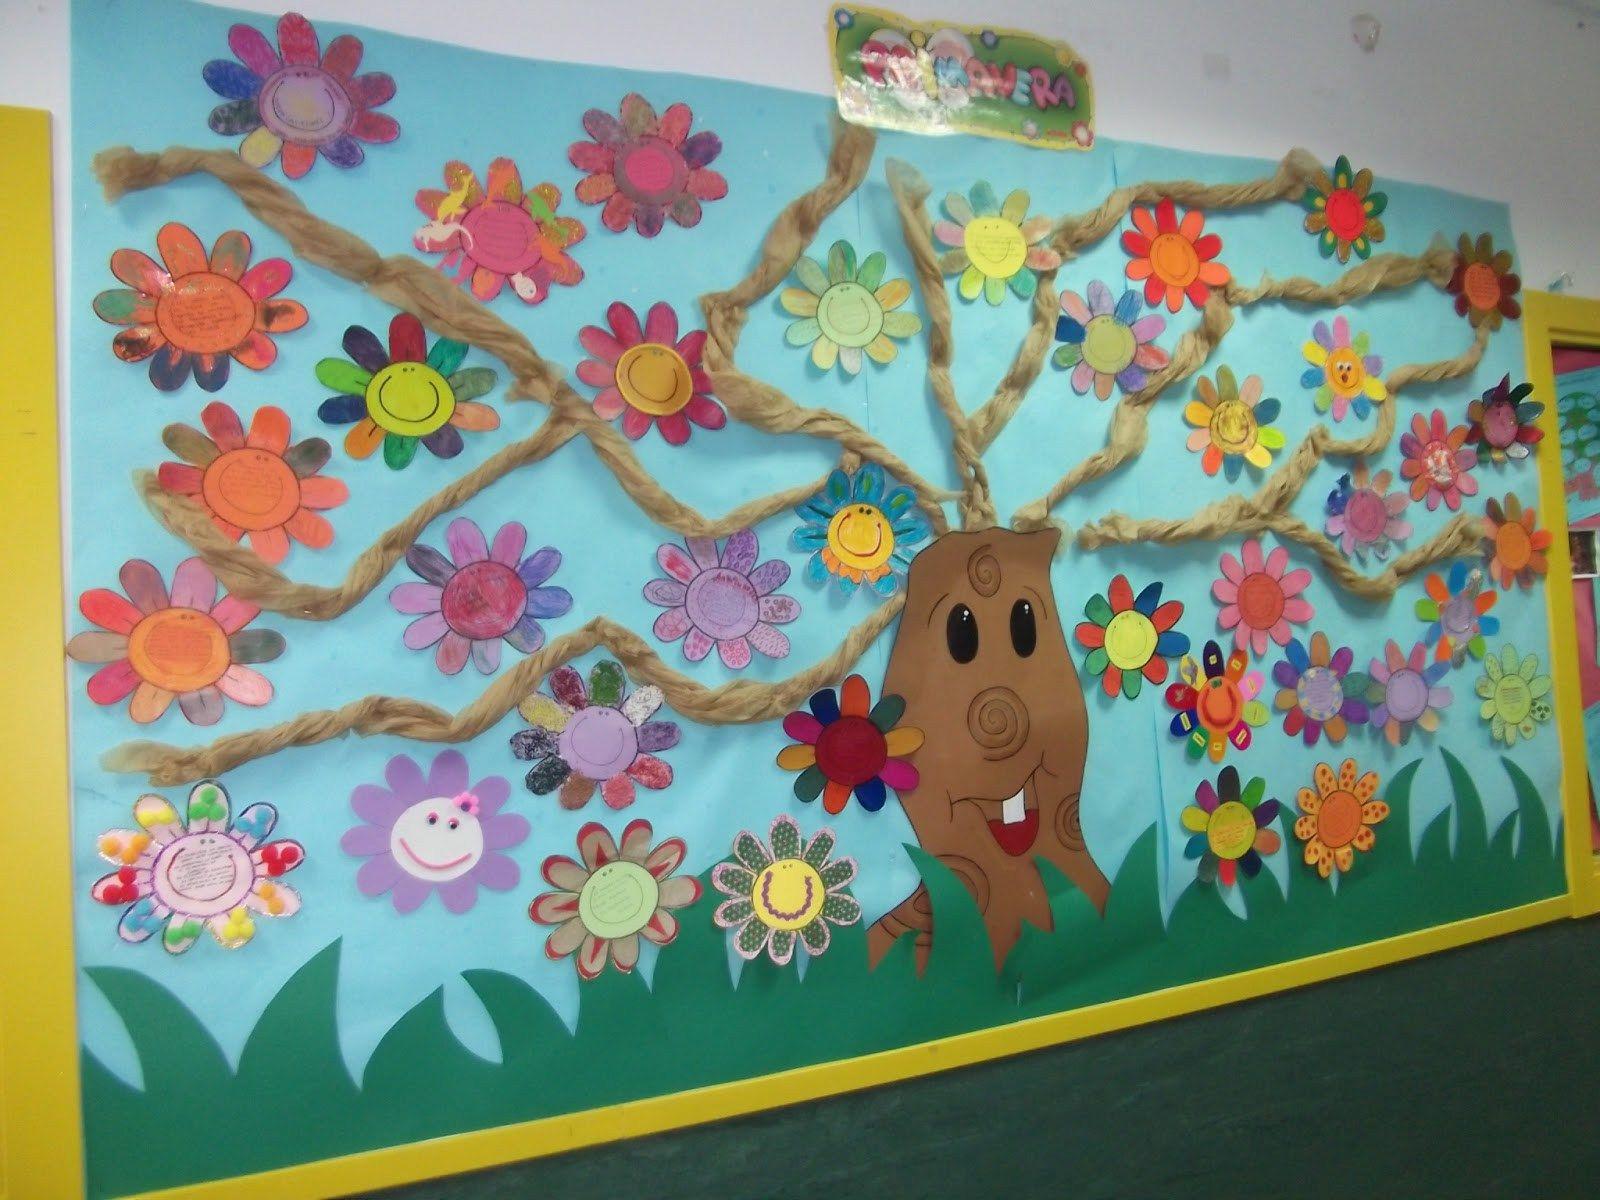 Primavera rincones 11 primavera decoraciones de for Decoracion primavera manualidades